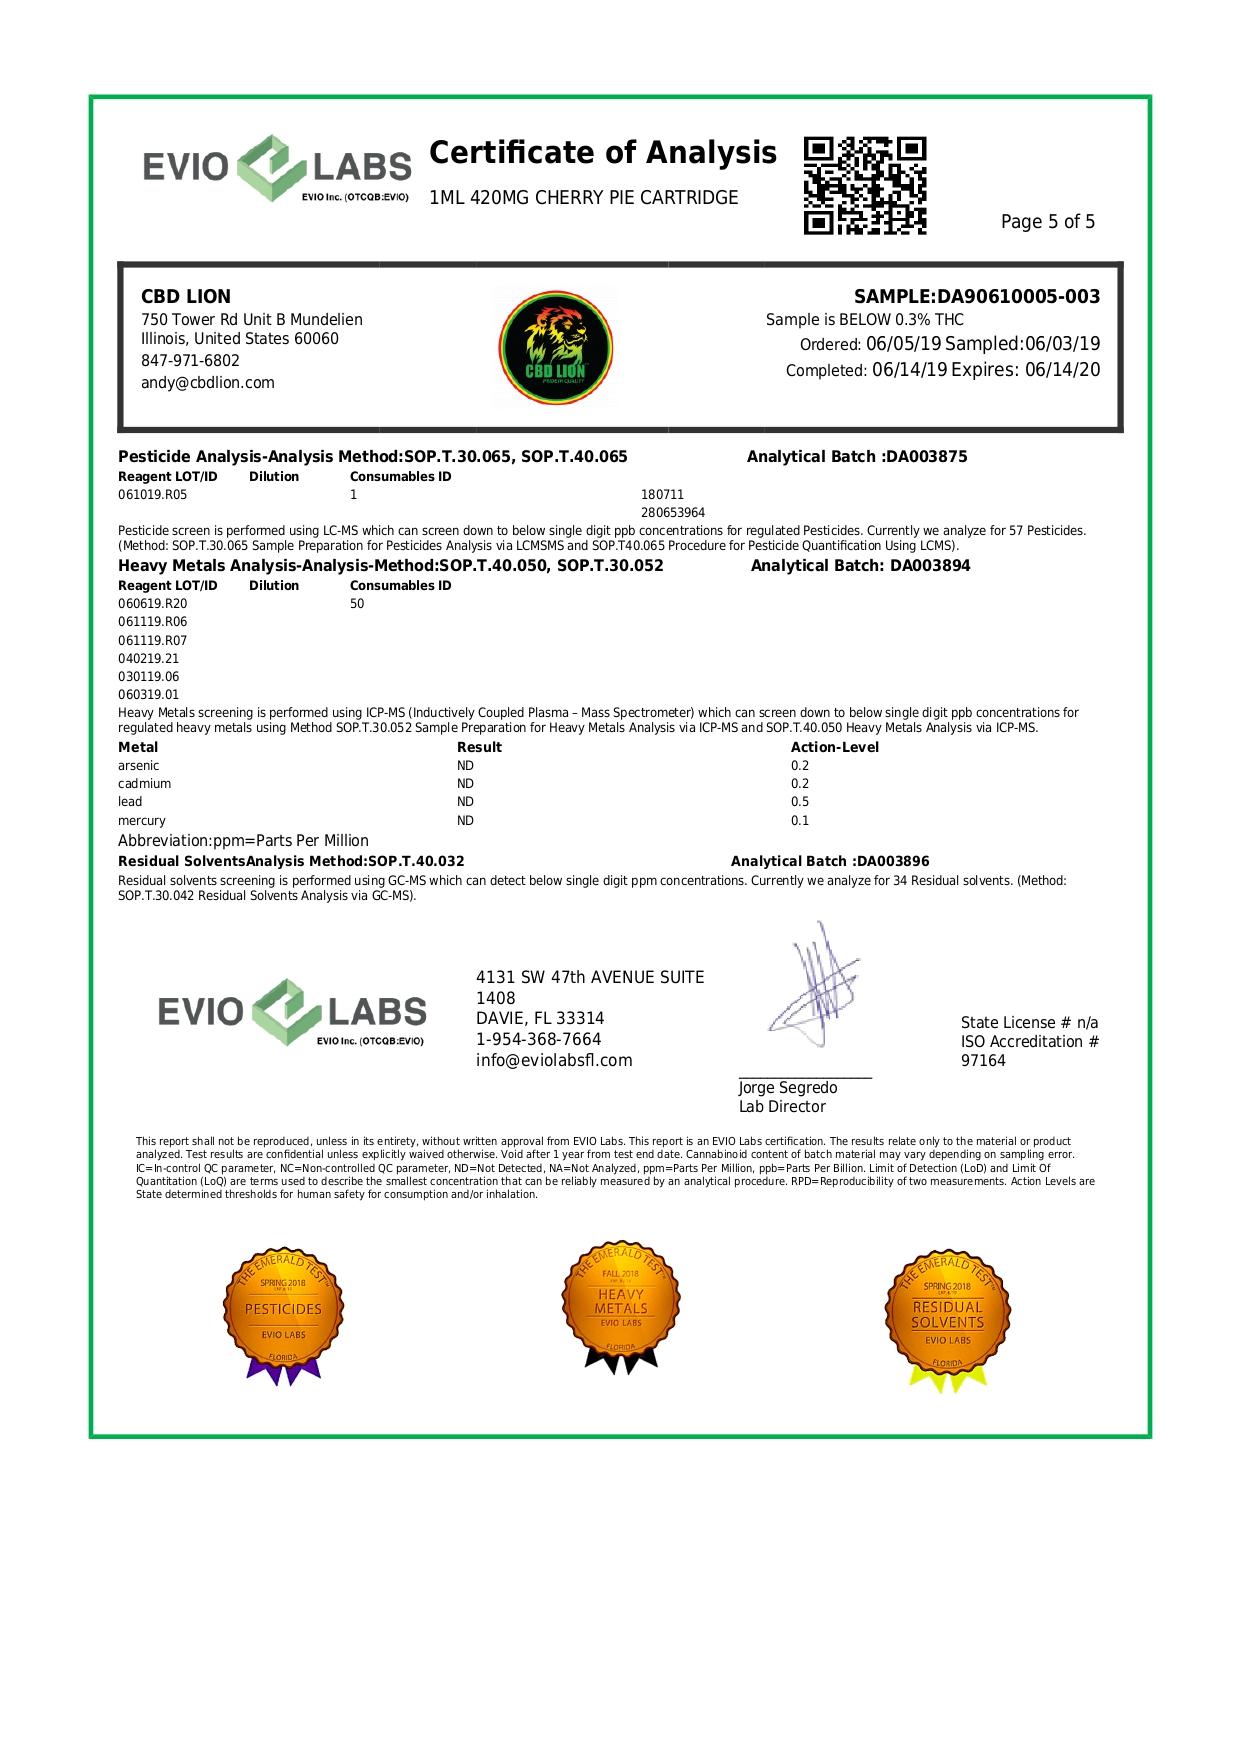 CBD Lion CBD Cartridge Cherry Pie 420mg Lab Report